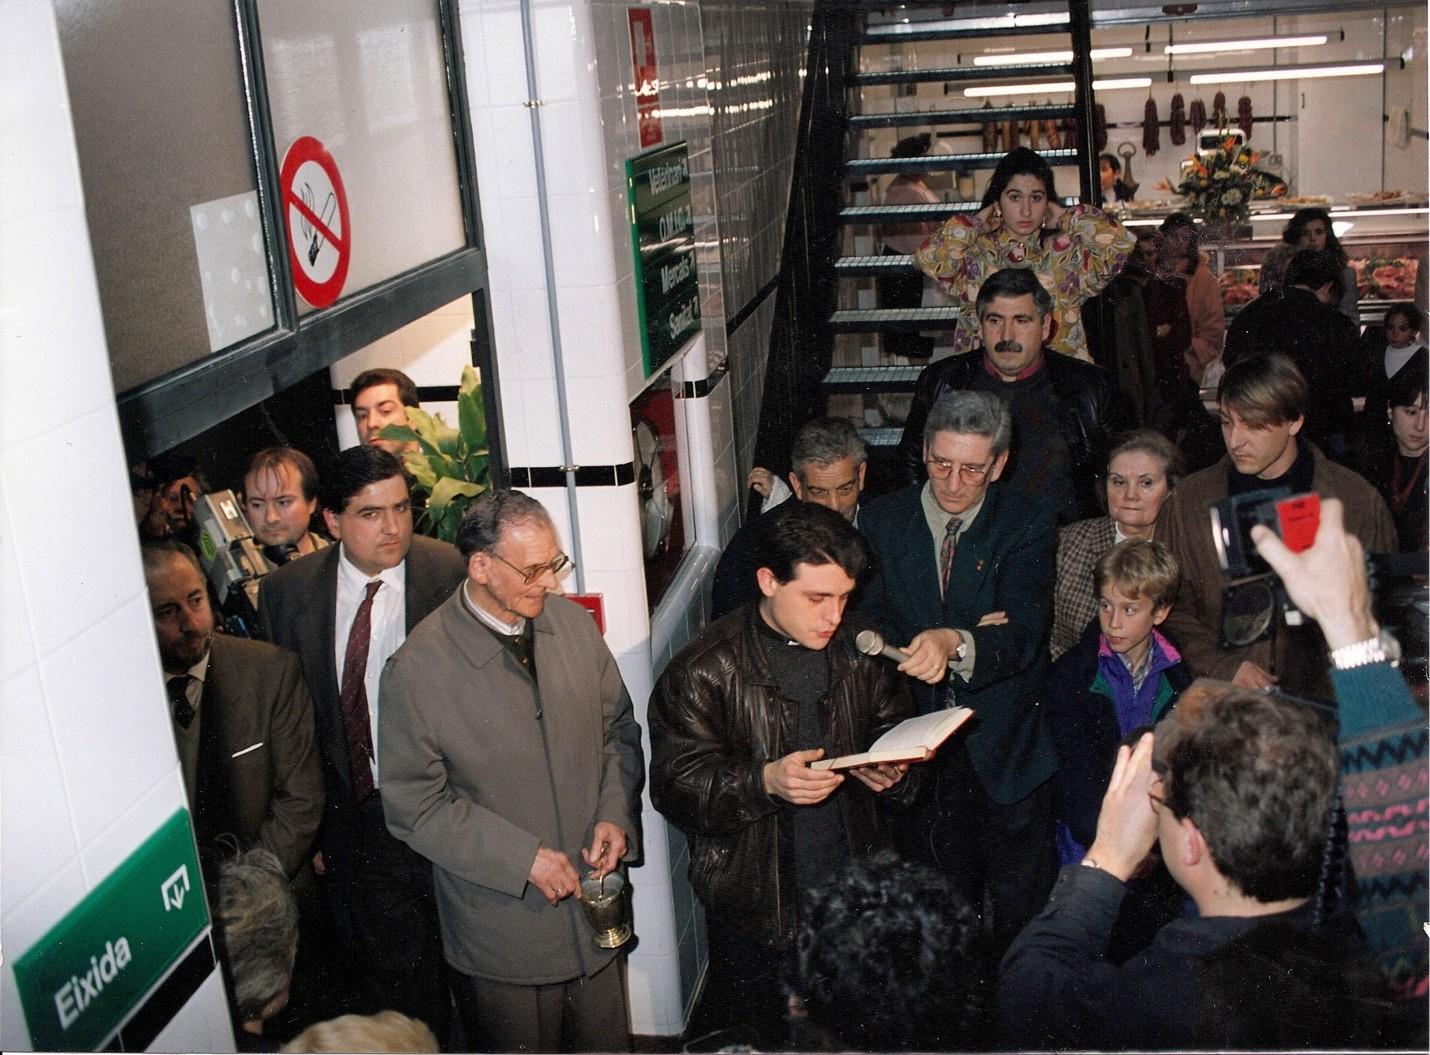 Inauguracion-reforma-mercado-1993 (9)